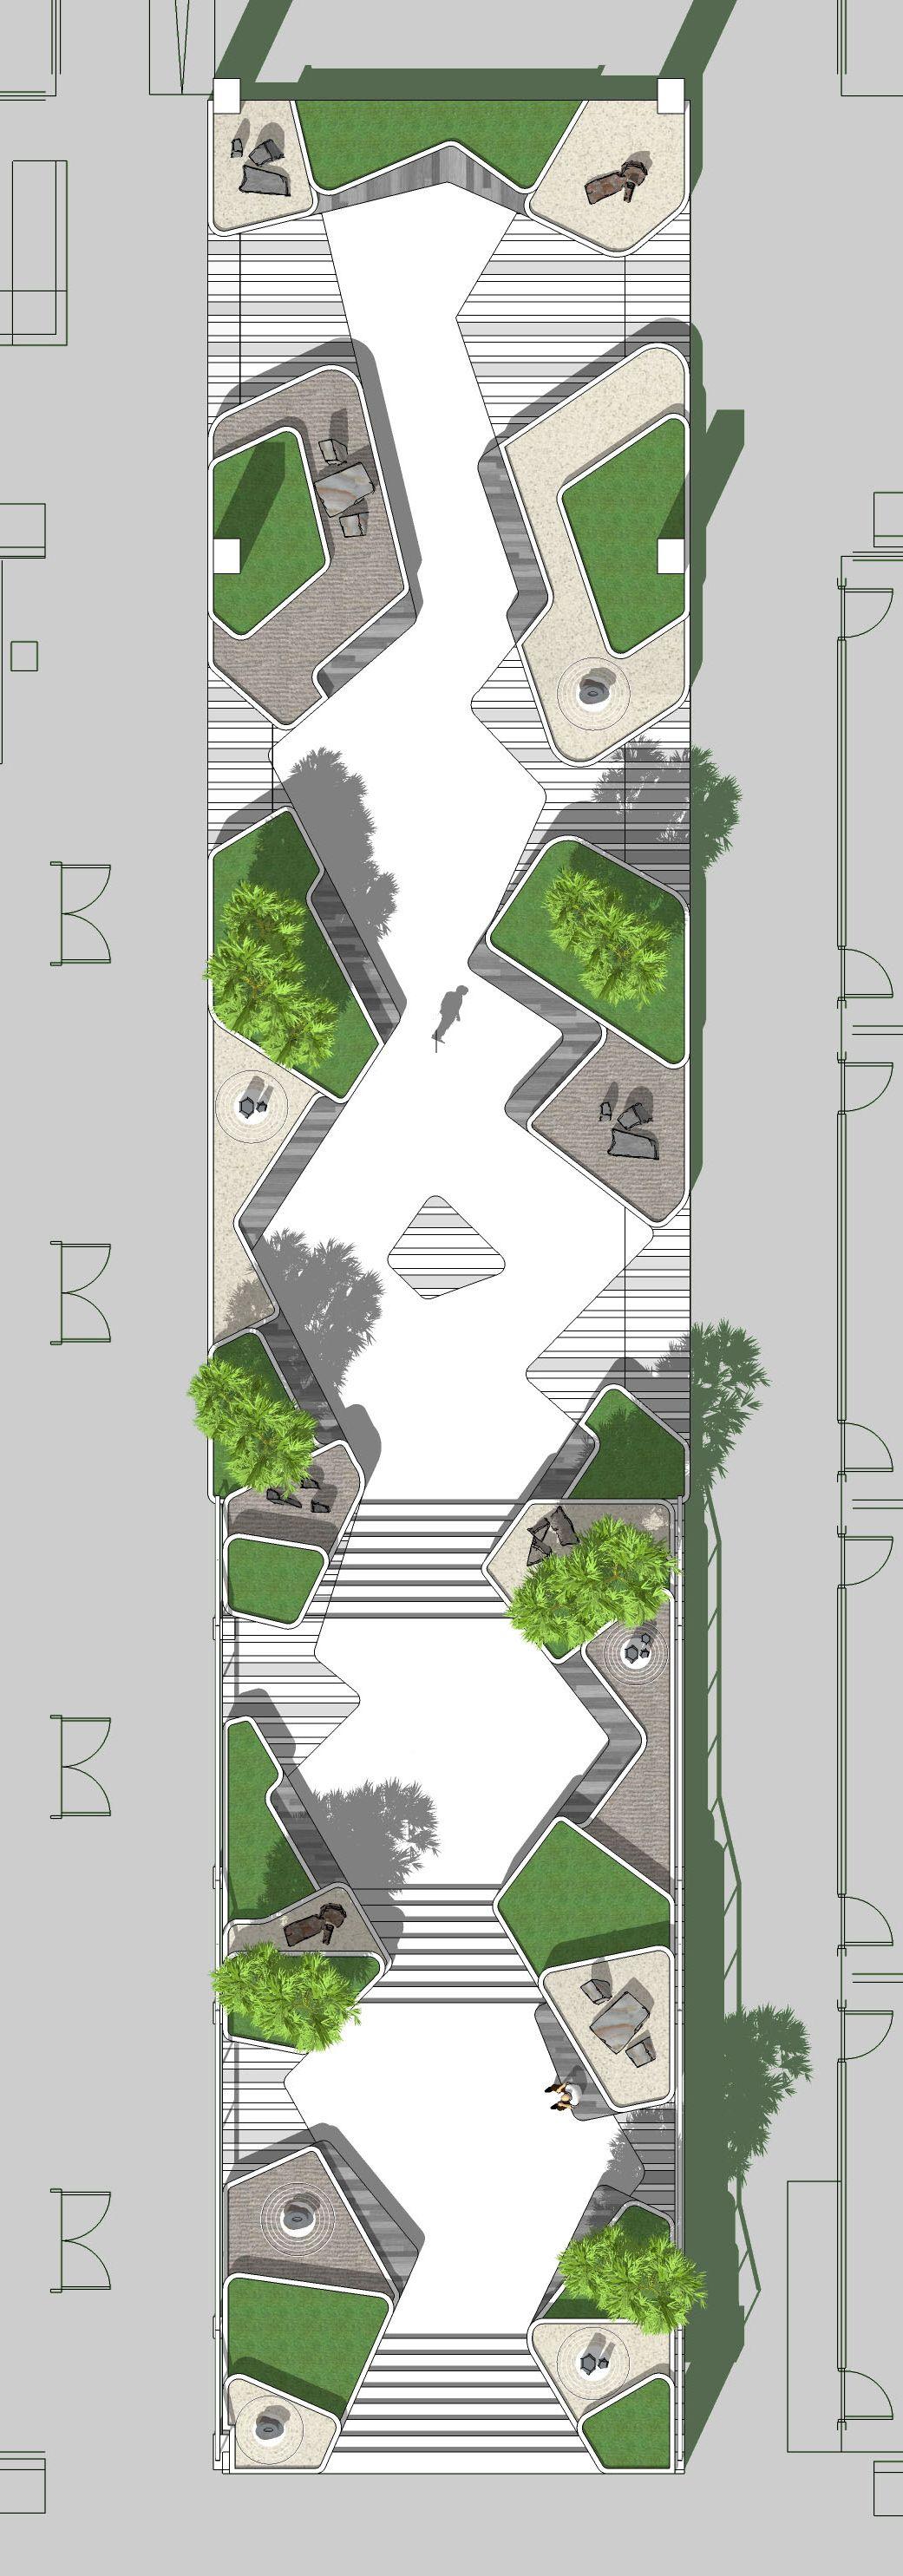 565 Best Master Plan Images In 2020 Master Plan Landscape